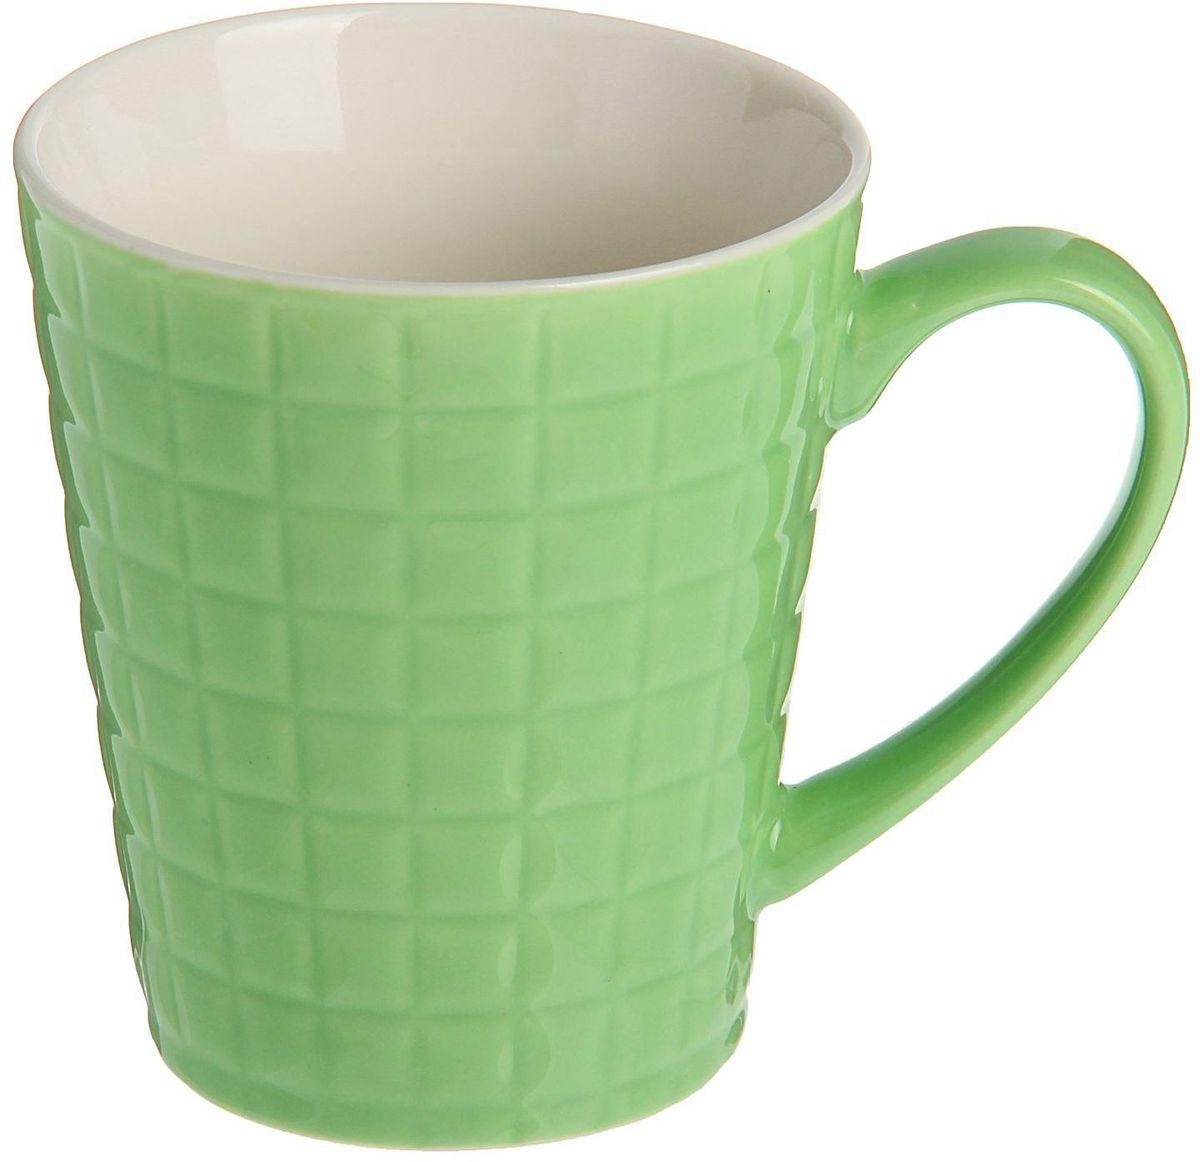 Кружка Доляна Квадрат, цвет: зеленый, 320 мл391602Кружка Доляна Квадрат изготовлена из керамики. Корпус украшен квадратами.Кружка станет отличным подарком для родных и близких. Это любимый аксессуар на долгие годы. Относитесь к изделию бережно, и оно будет дарить прекрасное настроение каждый день.